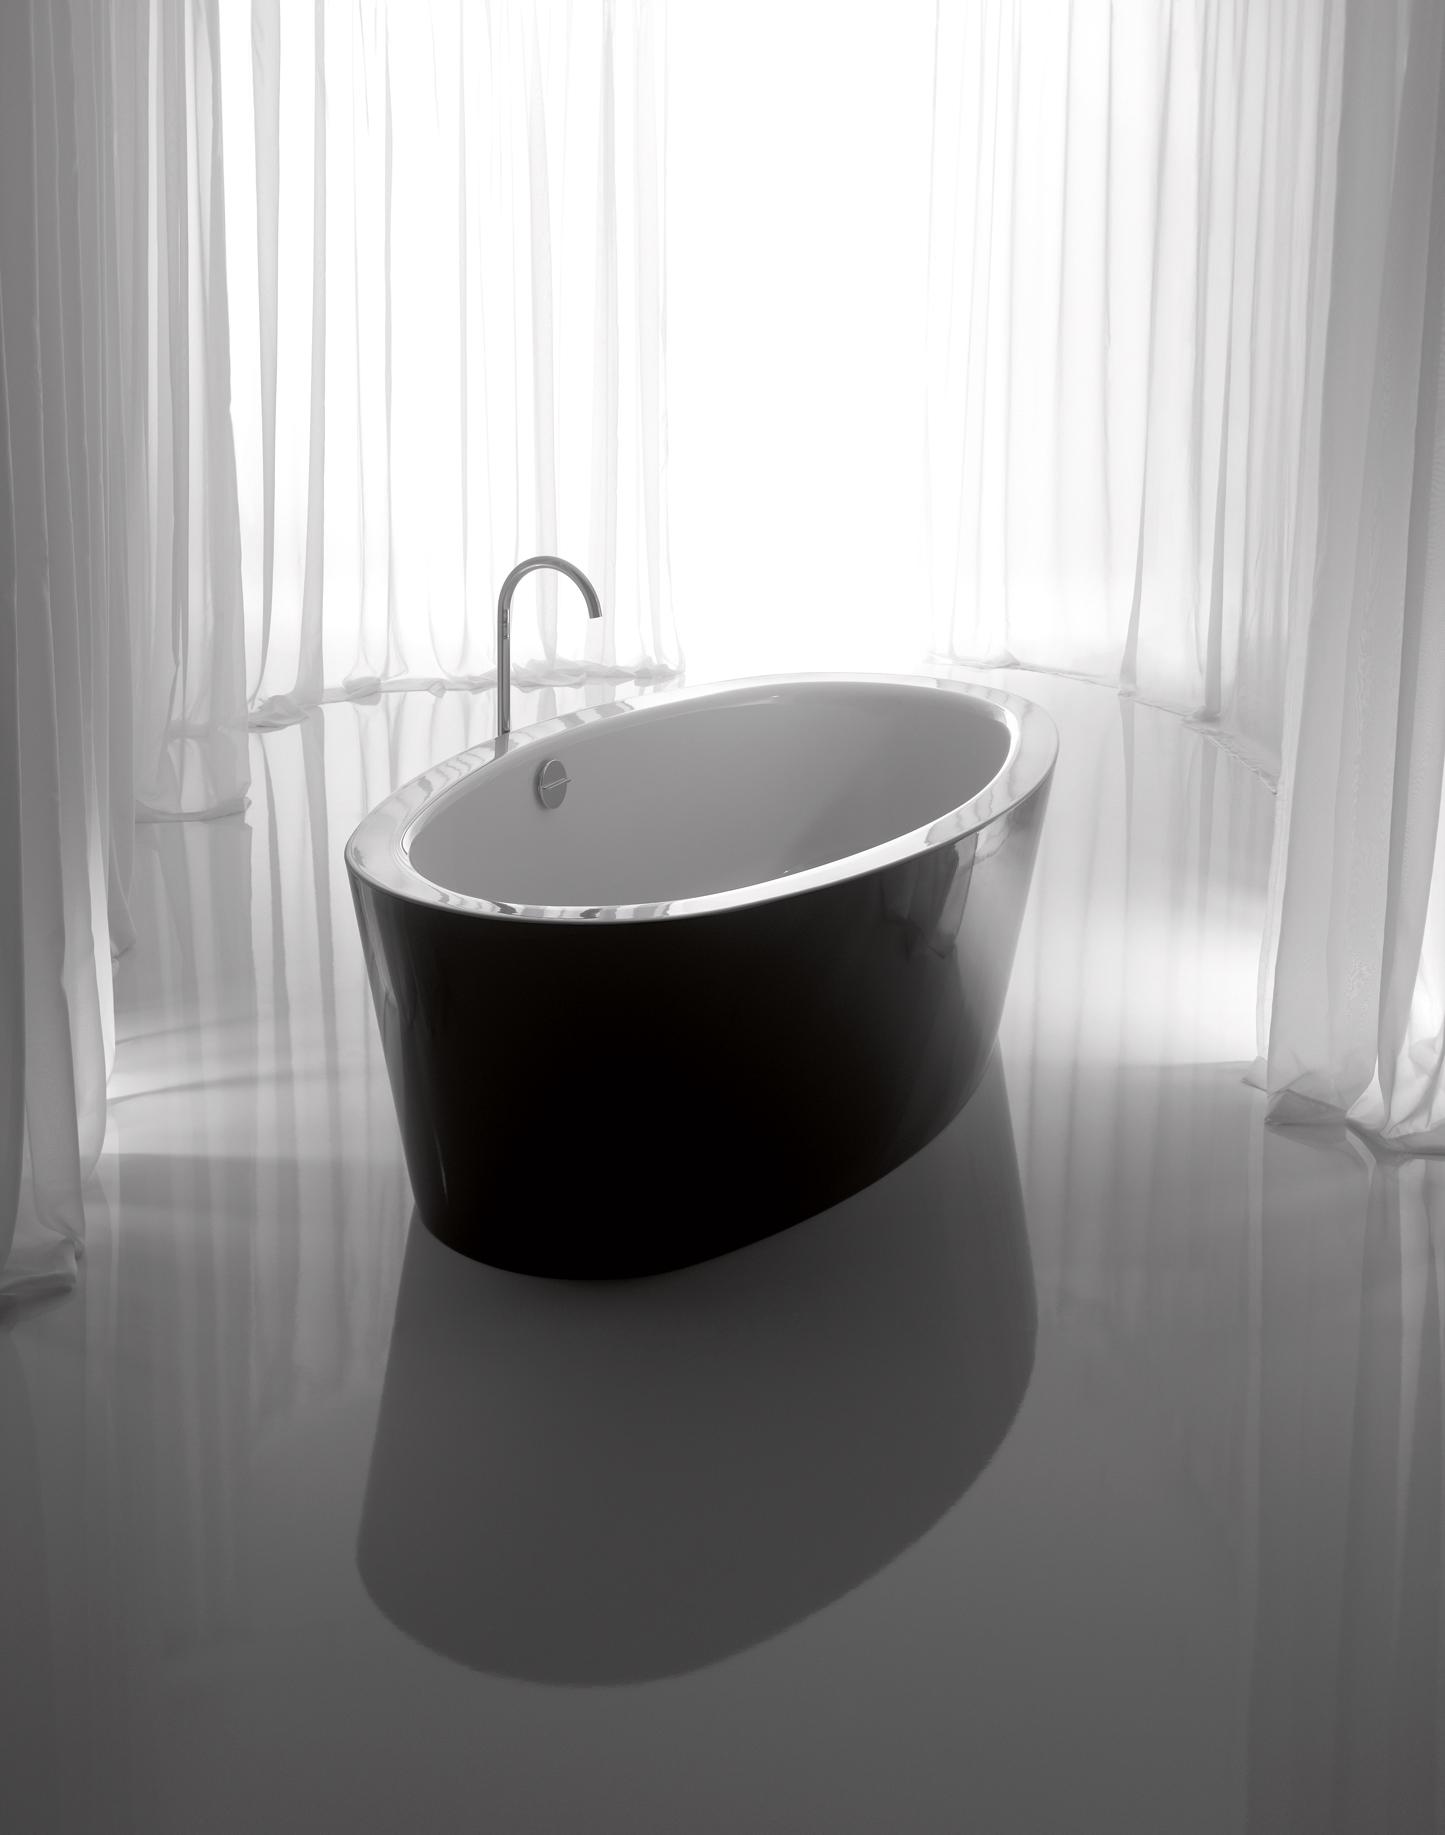 Aanbevolen hoekbad douche combinatie inspirerende idee n ontwerp met foto 39 s en voorbeelden - Fotos italiaanse douche ontwerp ...